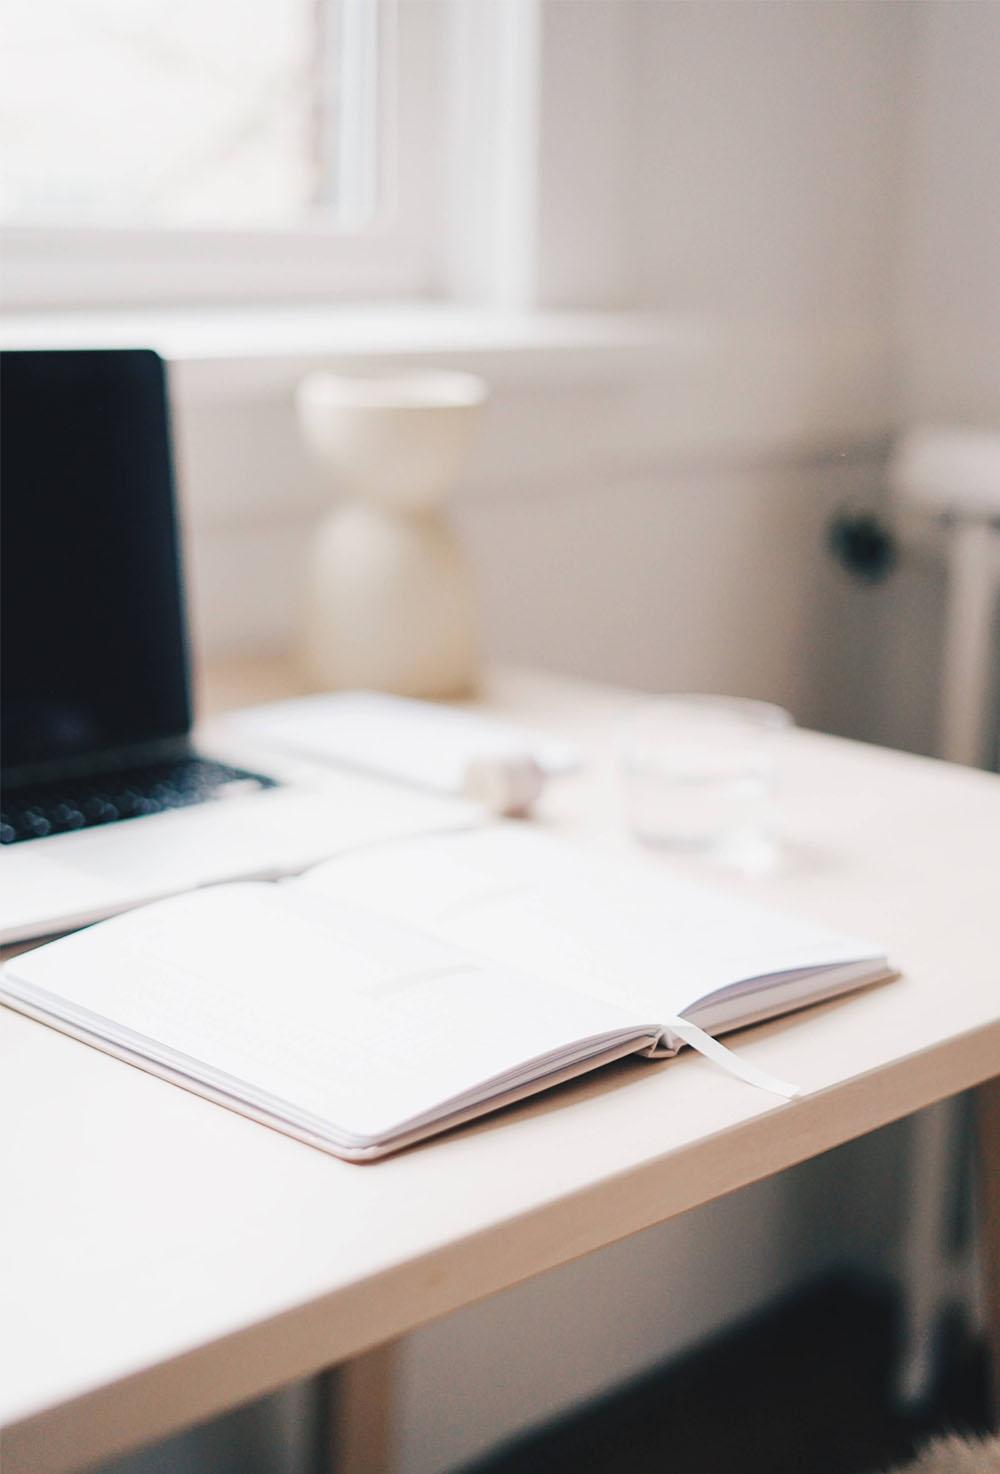 Atmos Architecture - Etude préliminaire : Photo couleur d'un carnet et d'un ordinateur sur un bureau.